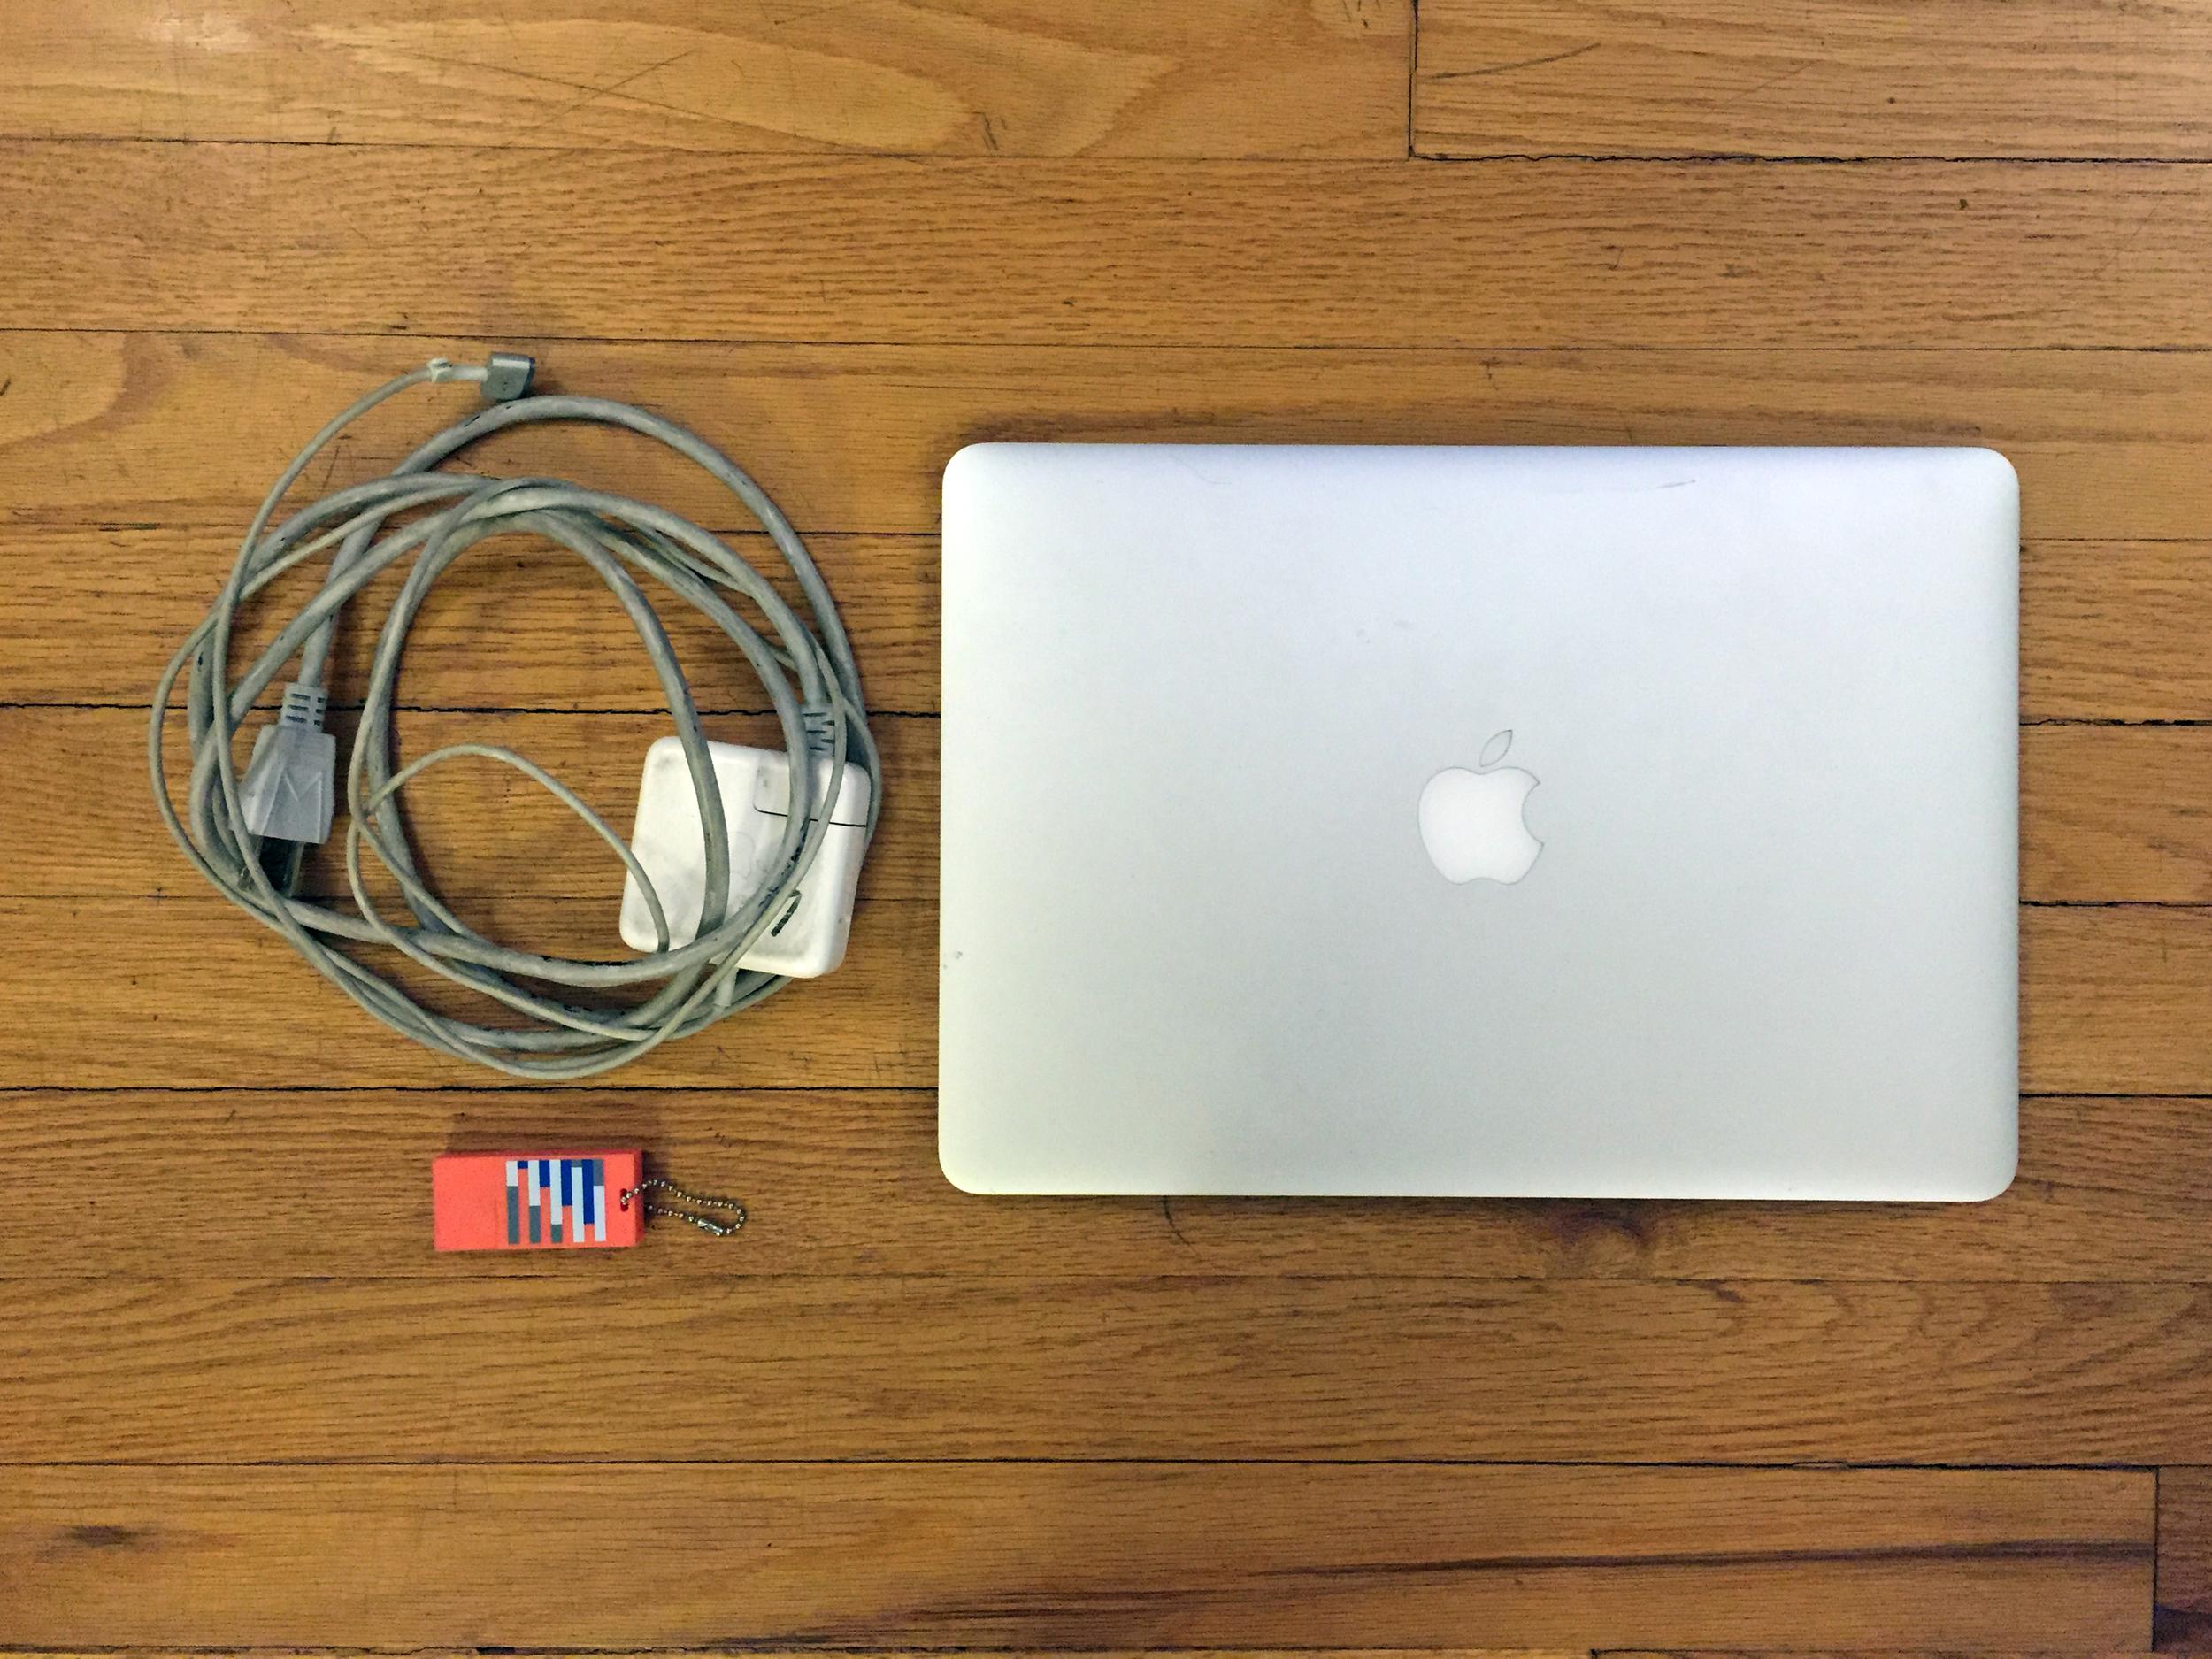 Macbook Air + 8 Gig Flash Drive